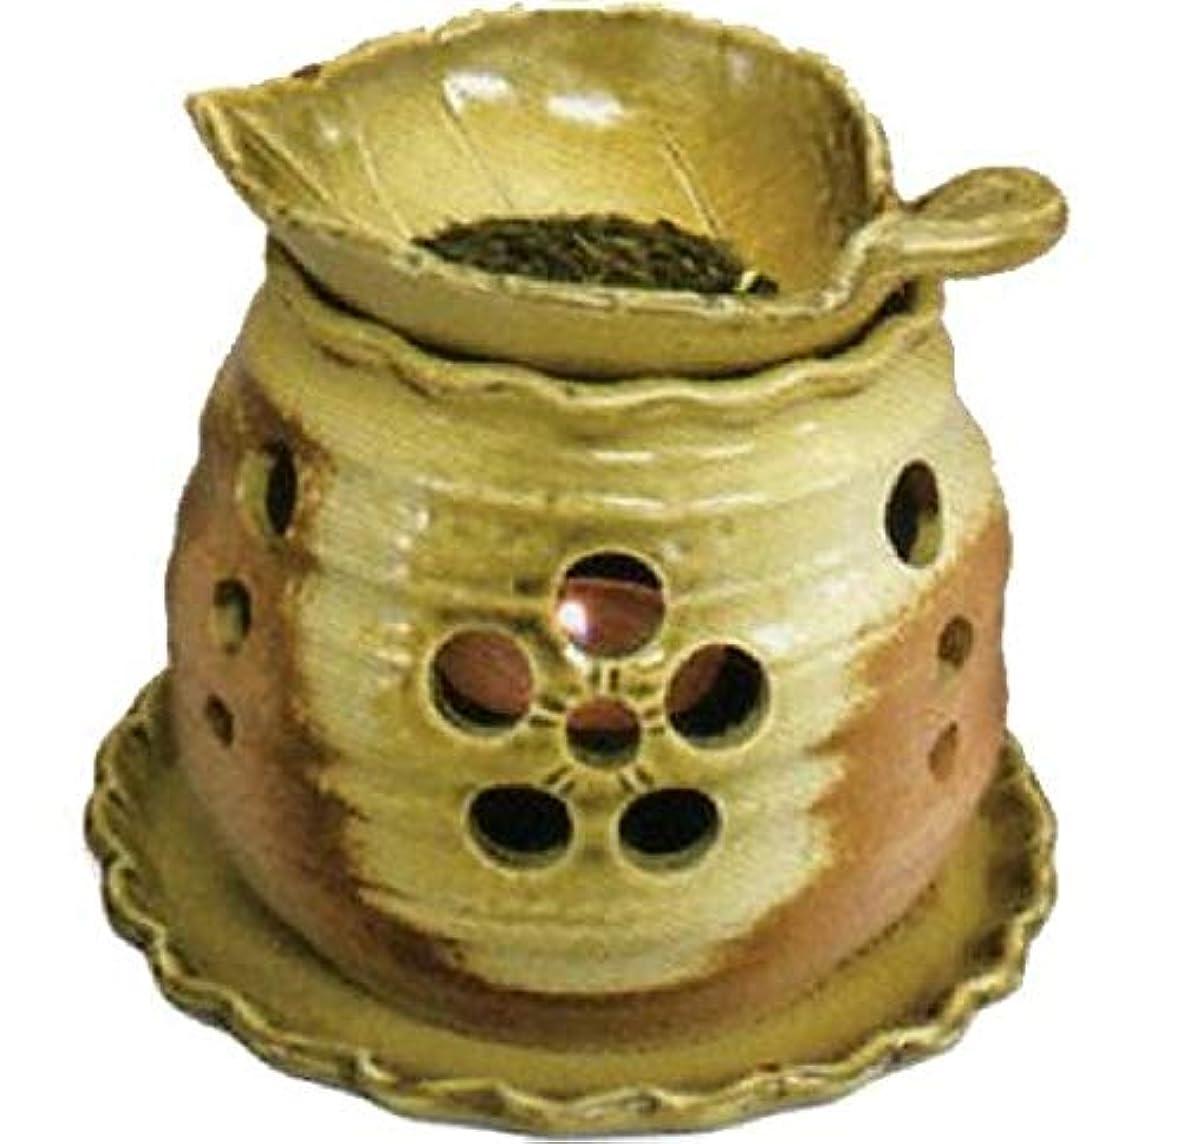 ネックレスラフト奴隷常滑焼 創器 ゆとり 茶香炉 径:13.2cm 高さ:11.5cm 木の葉の皿付 サ39-09